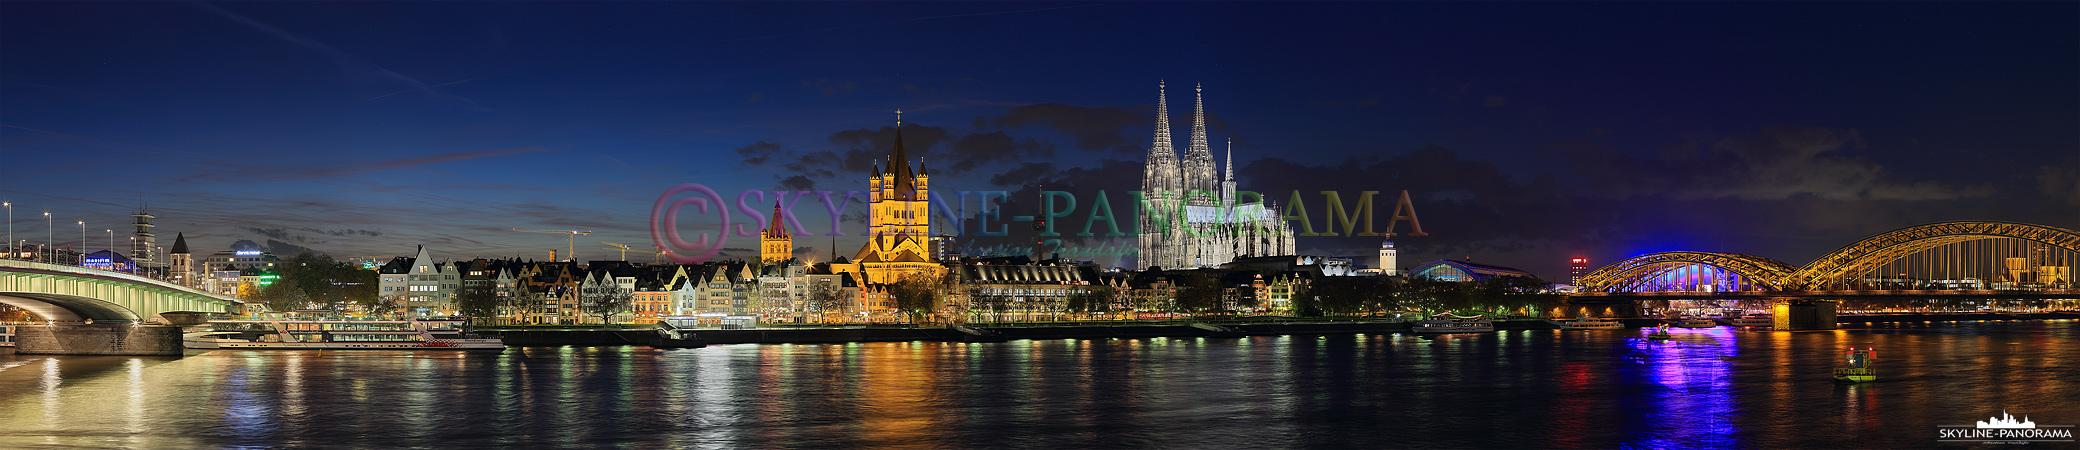 Das Altstadt Panorama von Köln mit dem wahrscheinlich bekanntesten Wahrzeichen einer Stadt und Platz eins der deutschen Sehenswürdigkeiten, dem Kölner Dom.